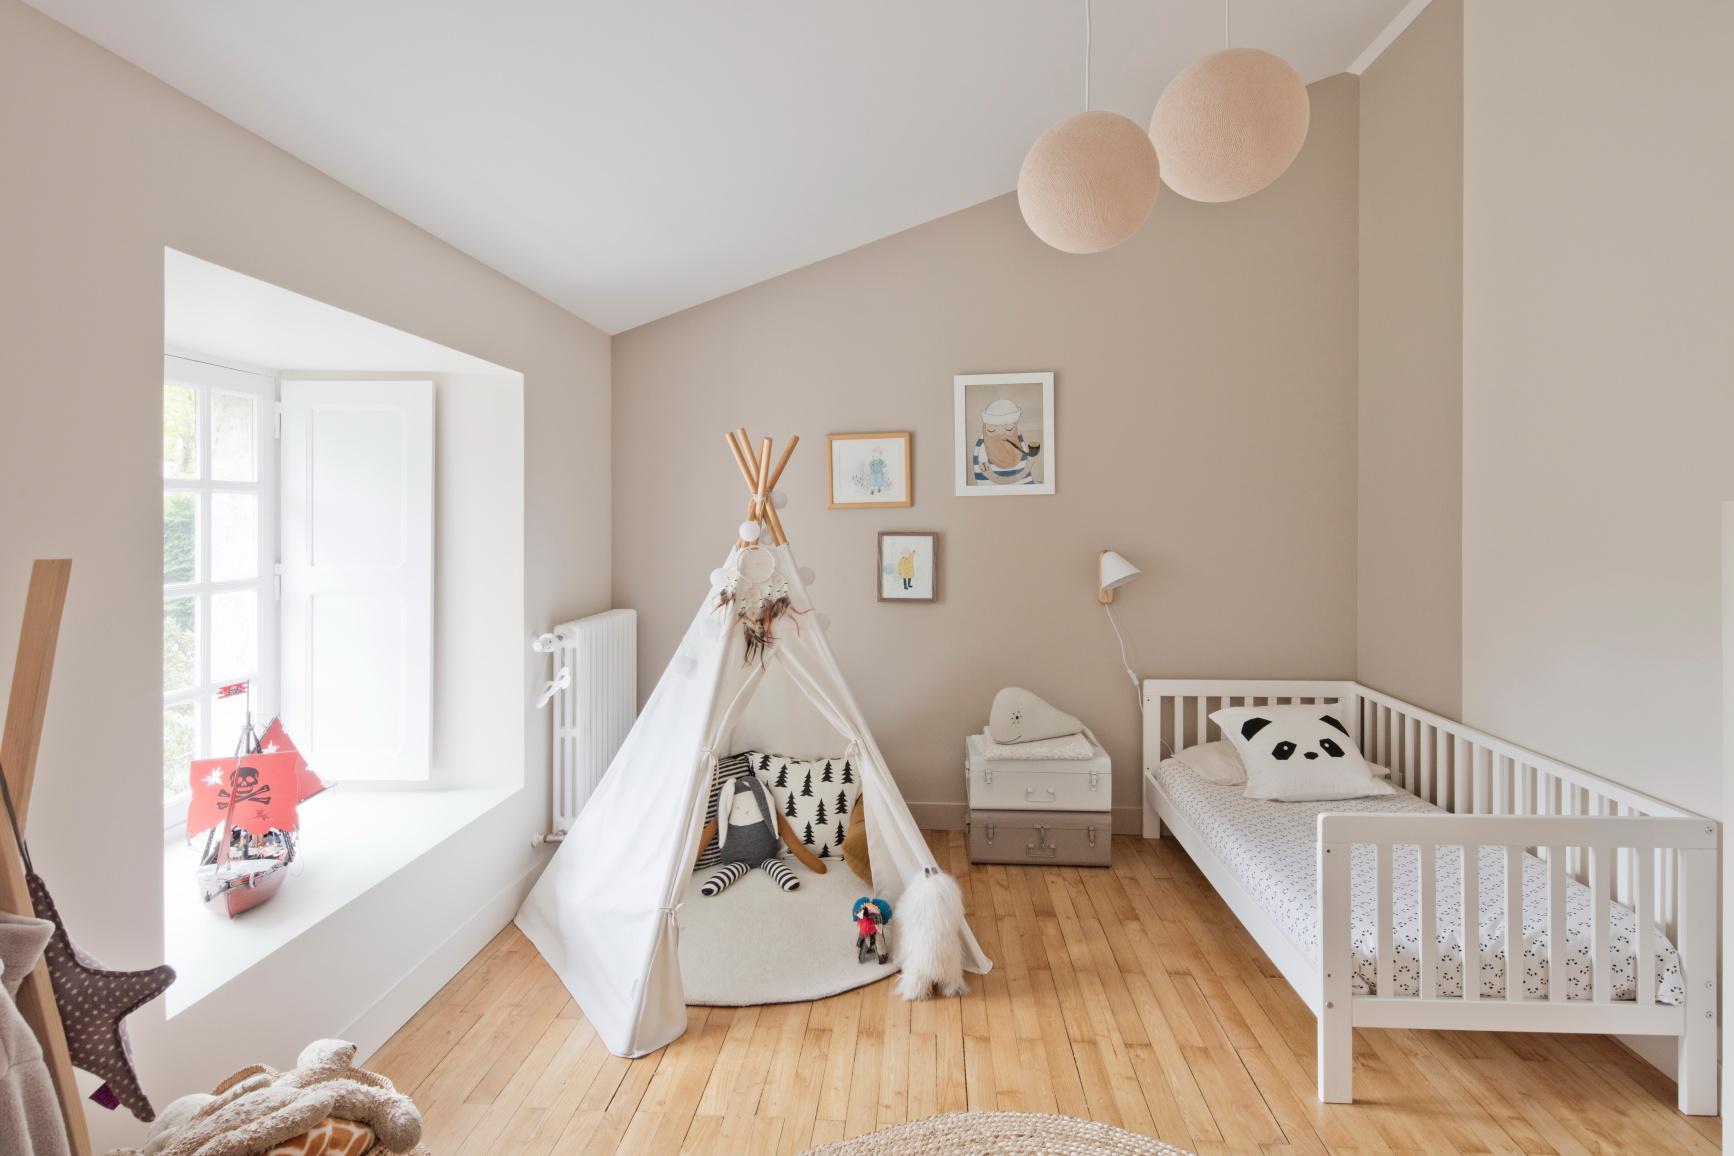 """Chambre d'enfant rénové par un architecte près de Nantes, avec une tente tipi et des tons """"crème"""""""